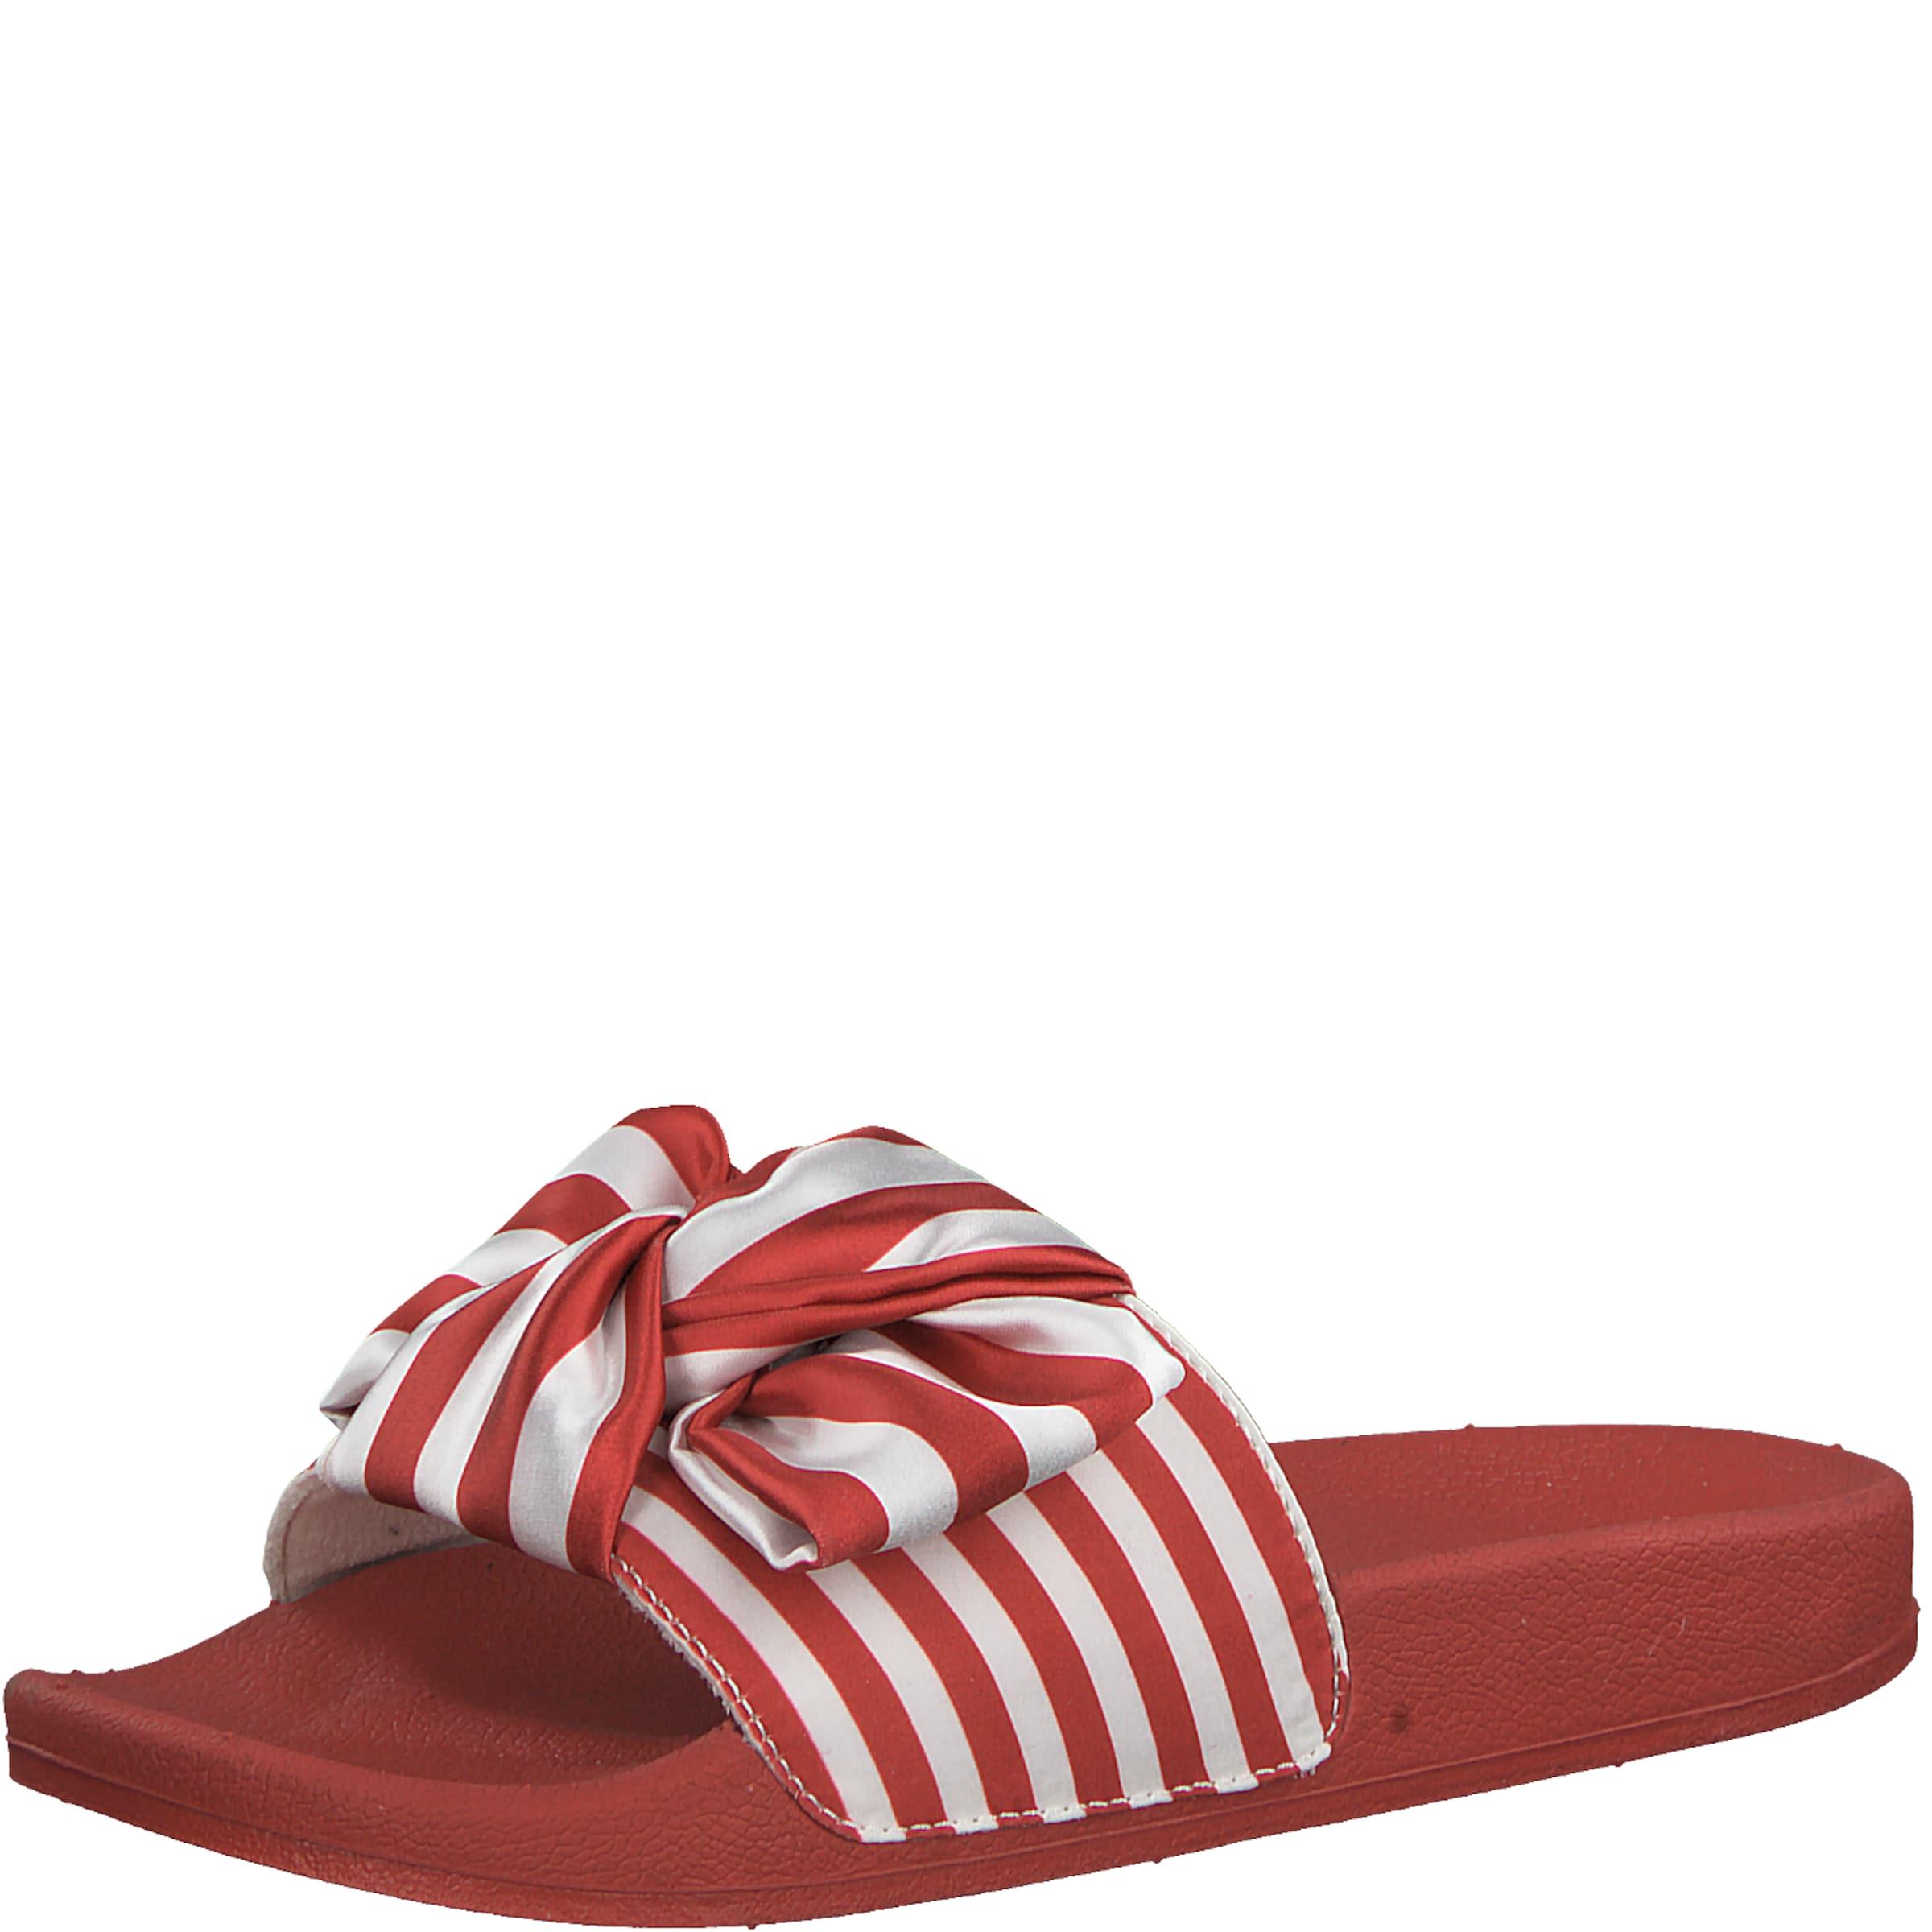 TAMARIS | Pantolette 'Stripe' mit Schleife Schuhe Gut getragene Schuhe